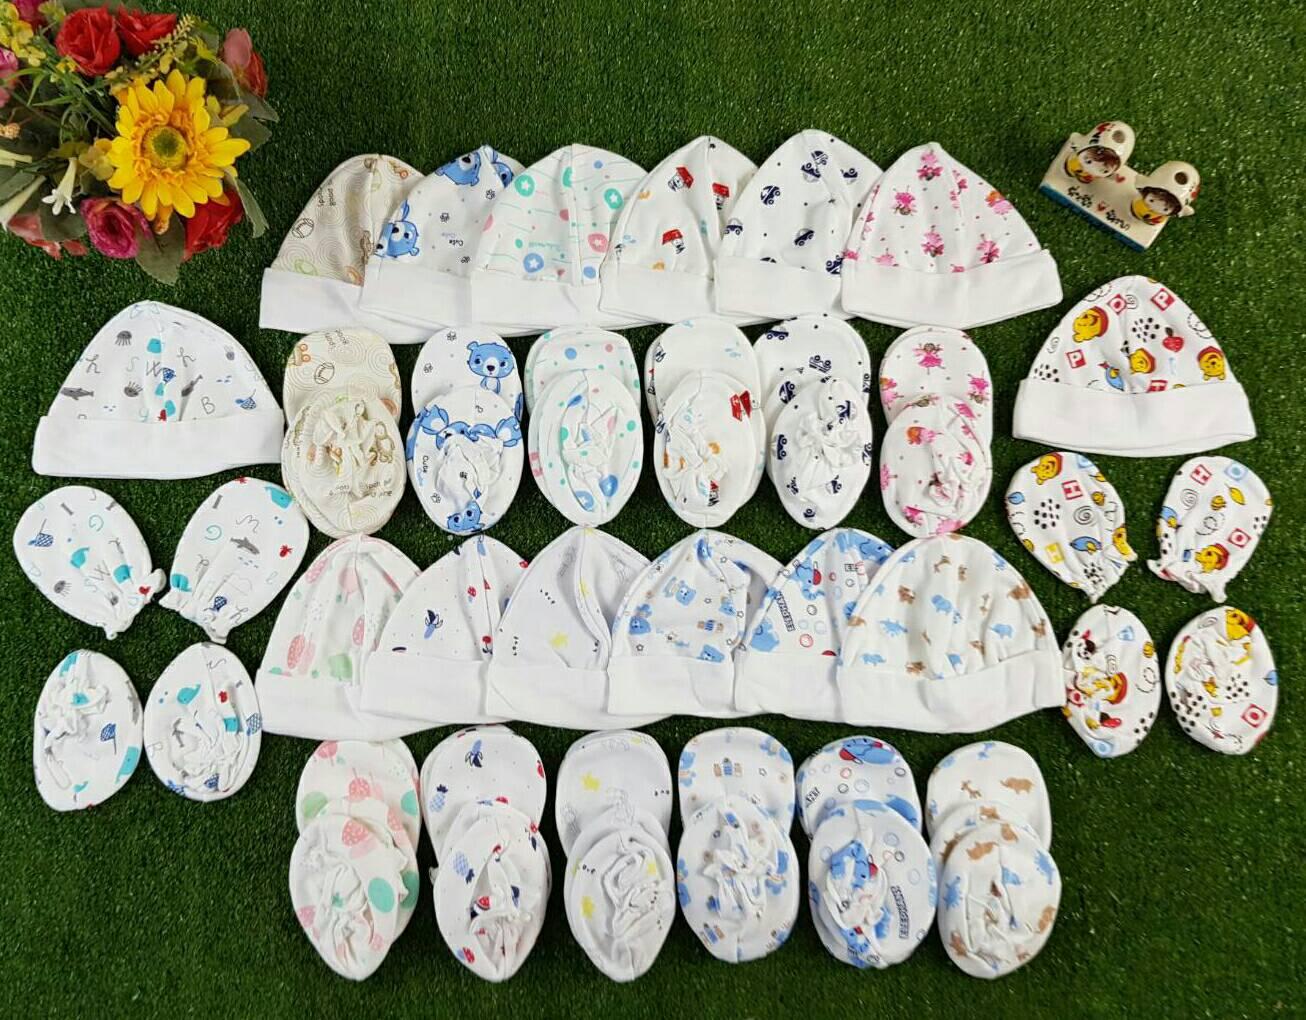 เซ็ตหมวก ถุงมือ ถุงเท้า (3 ชิ้น) ลายเปลี่ยนตามรอบการผลิต